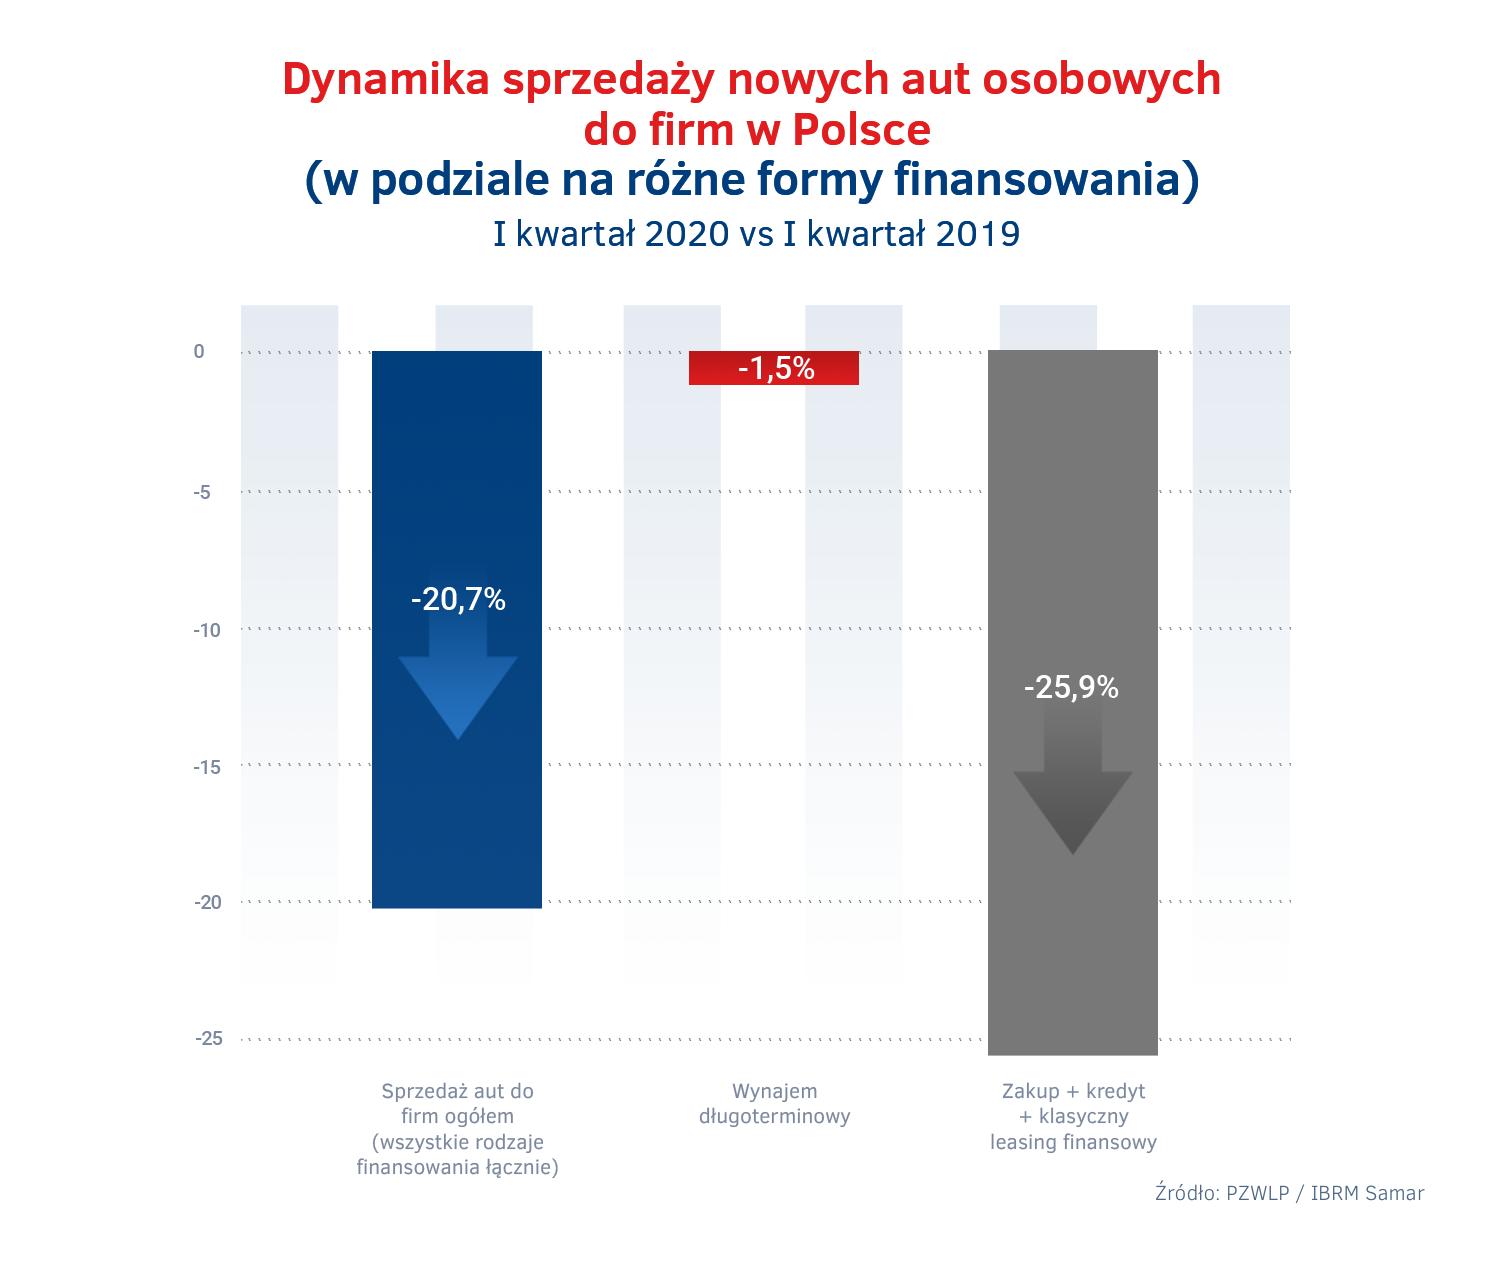 Sprzedaz nowych aut do firm w I kw. 2020 – wynajem dlugoterminowy vs rynek